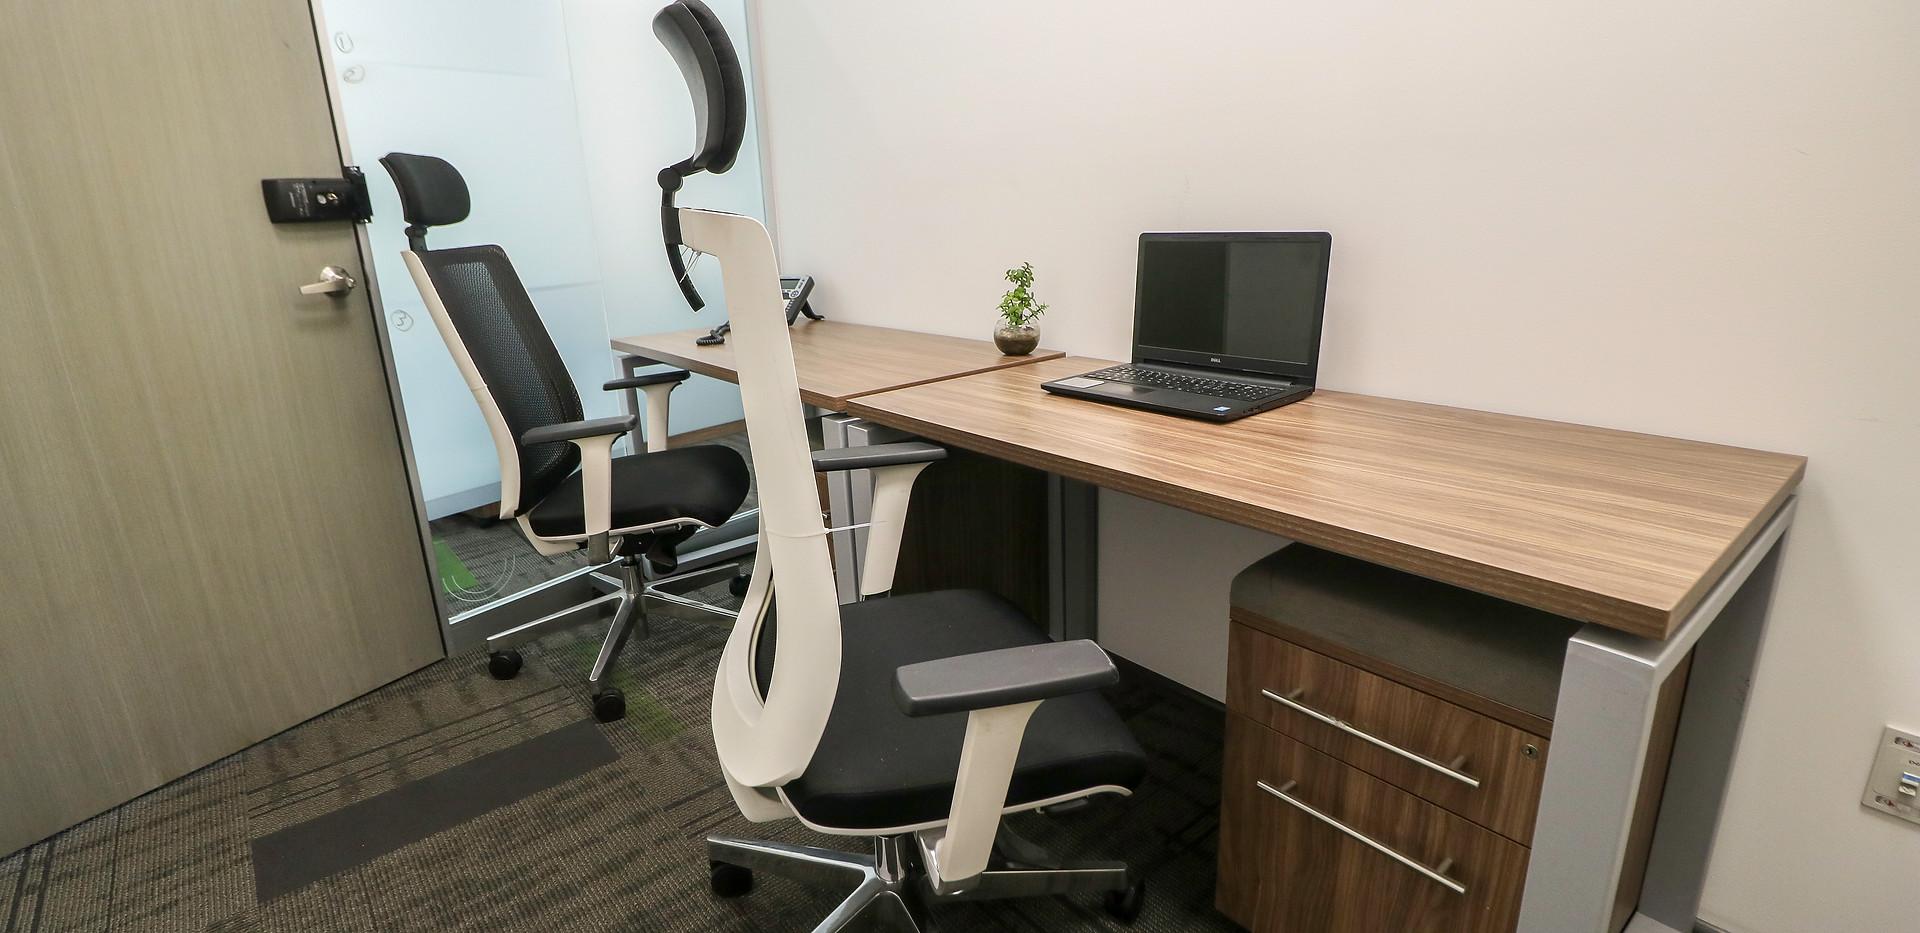 Oficina 22